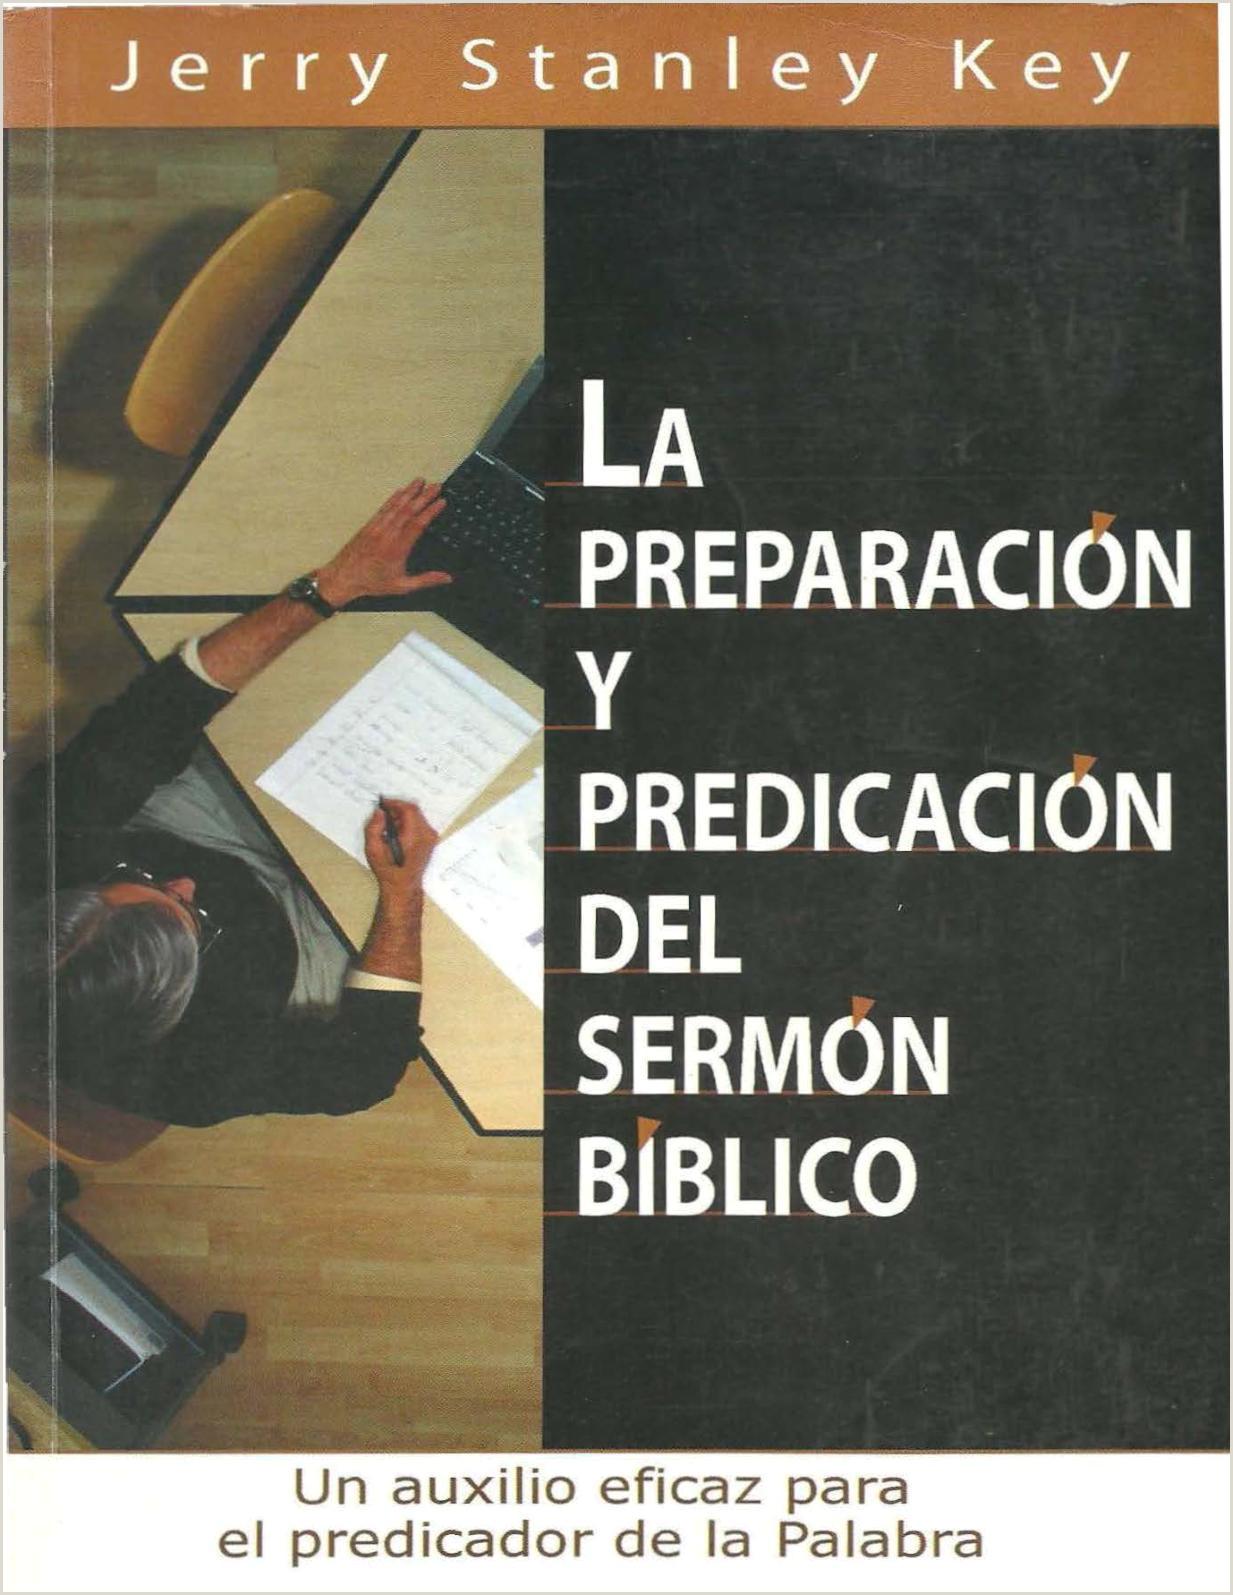 Como Hacer Una Hoja De Vida Audiovisual Calaméo La Preparaci³n Y Predicaci³n Del Serm³n Bblico